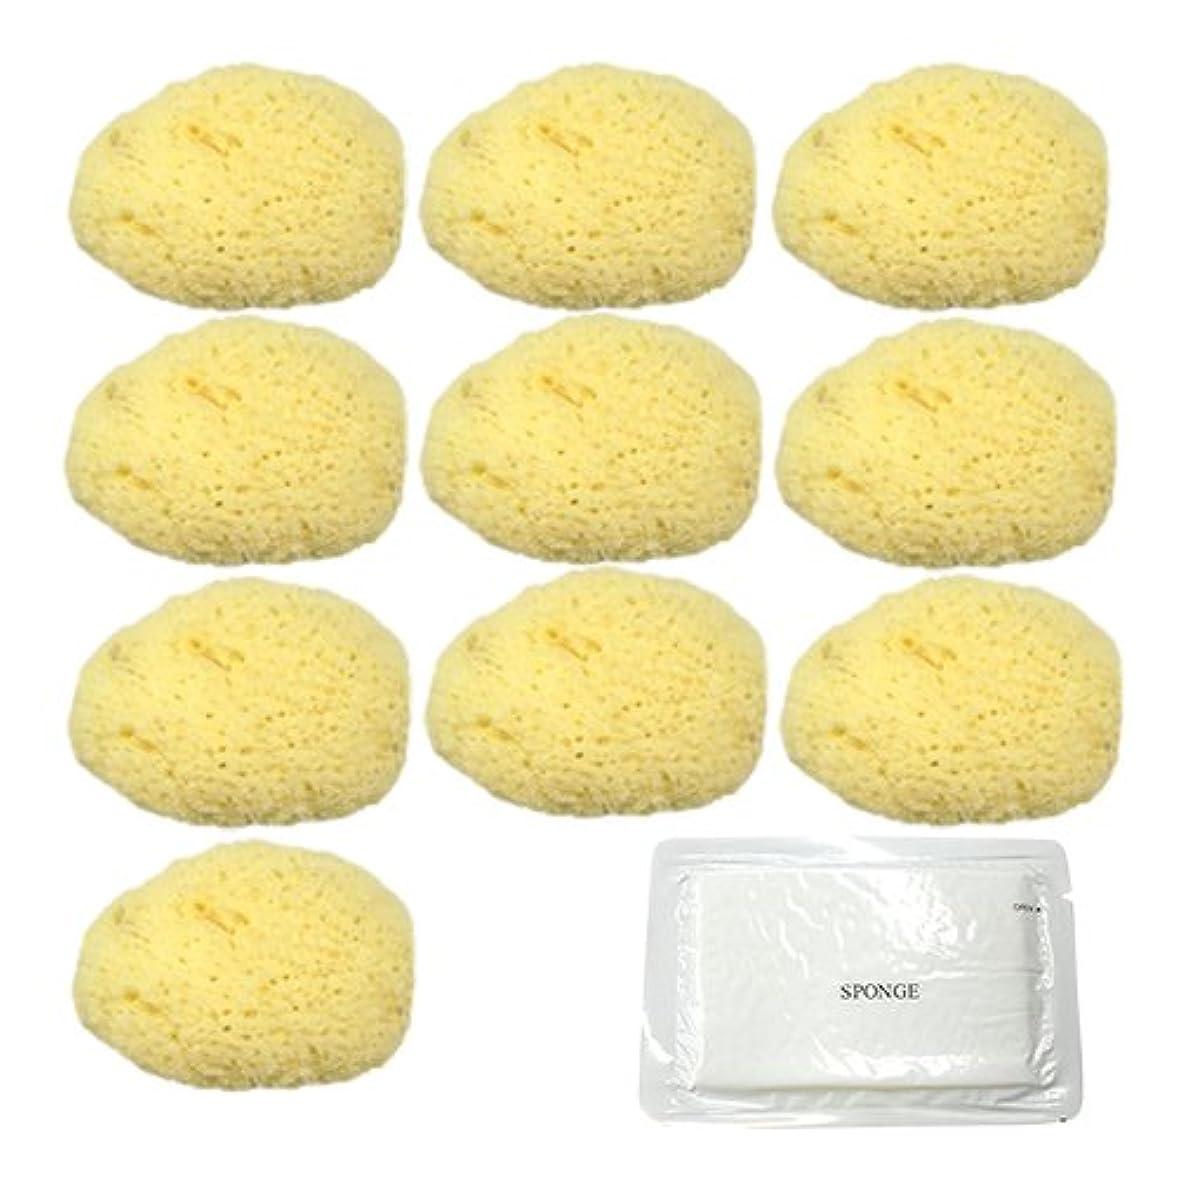 荒野毒液めんどりユタカ 天然海綿スポンジ(フェイススポンジ) 大 × 10個 + 圧縮スポンジセット